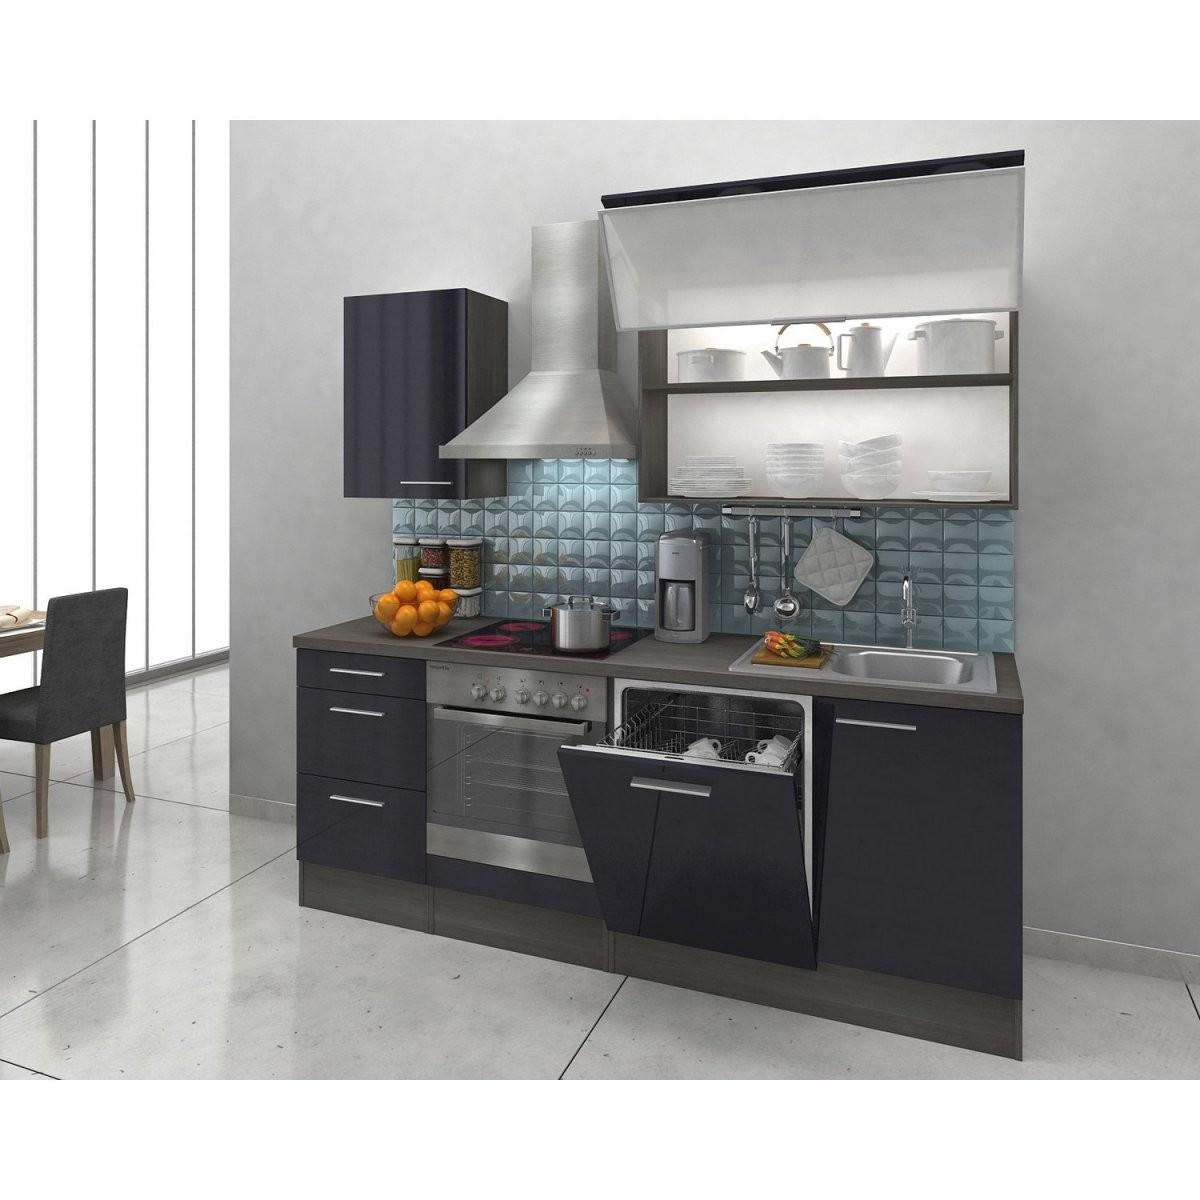 Kühlschrank  Kuechenmoebel  Kuechenzeilen  Singlekuechen von Küchenzeile 220 Cm Ohne Geräte Bild